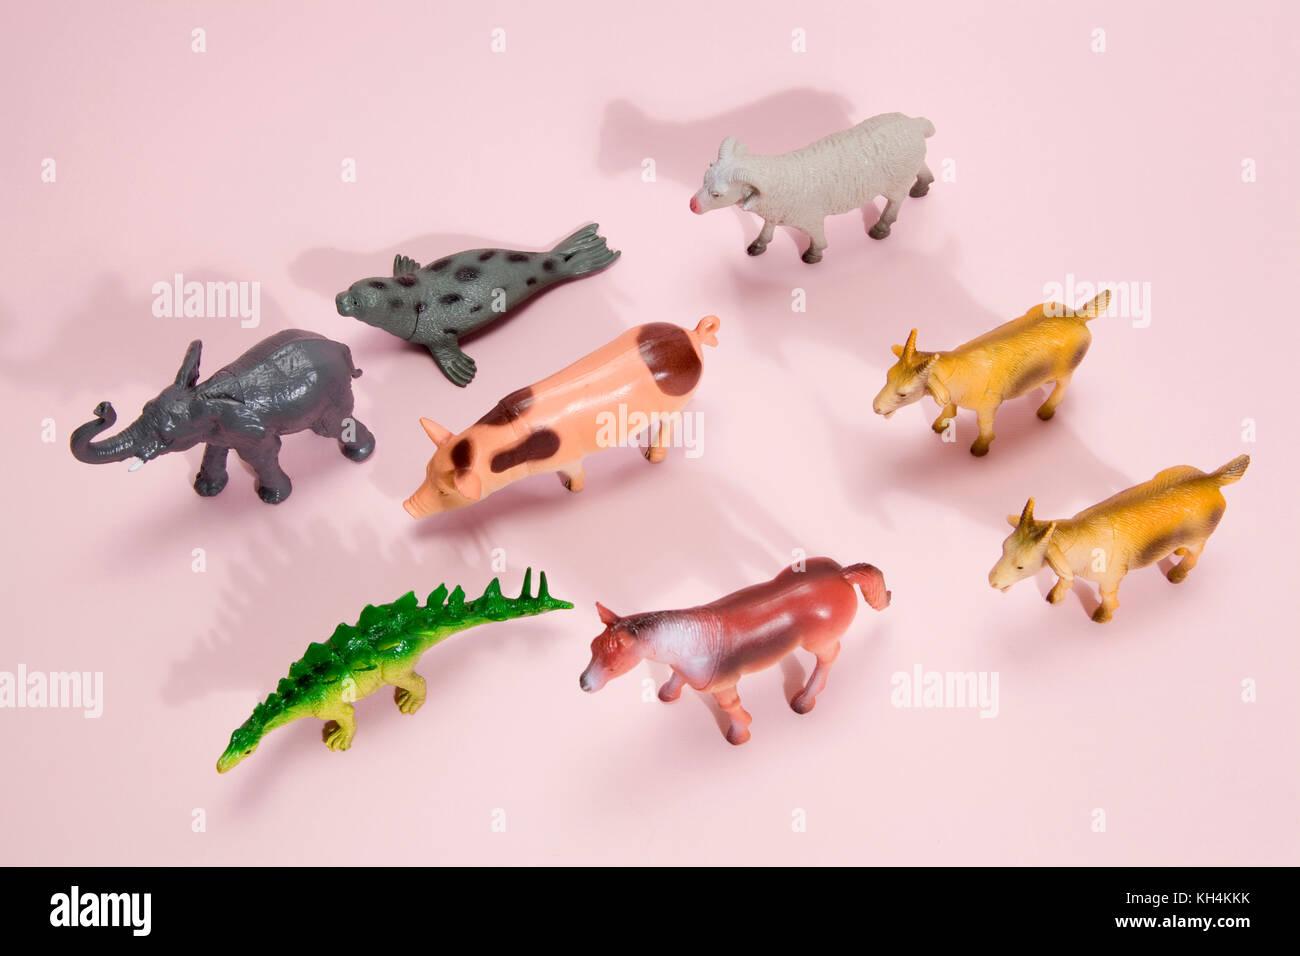 Animaux En Plastique Jouet figurine en plastique différents animaux jouets comme un